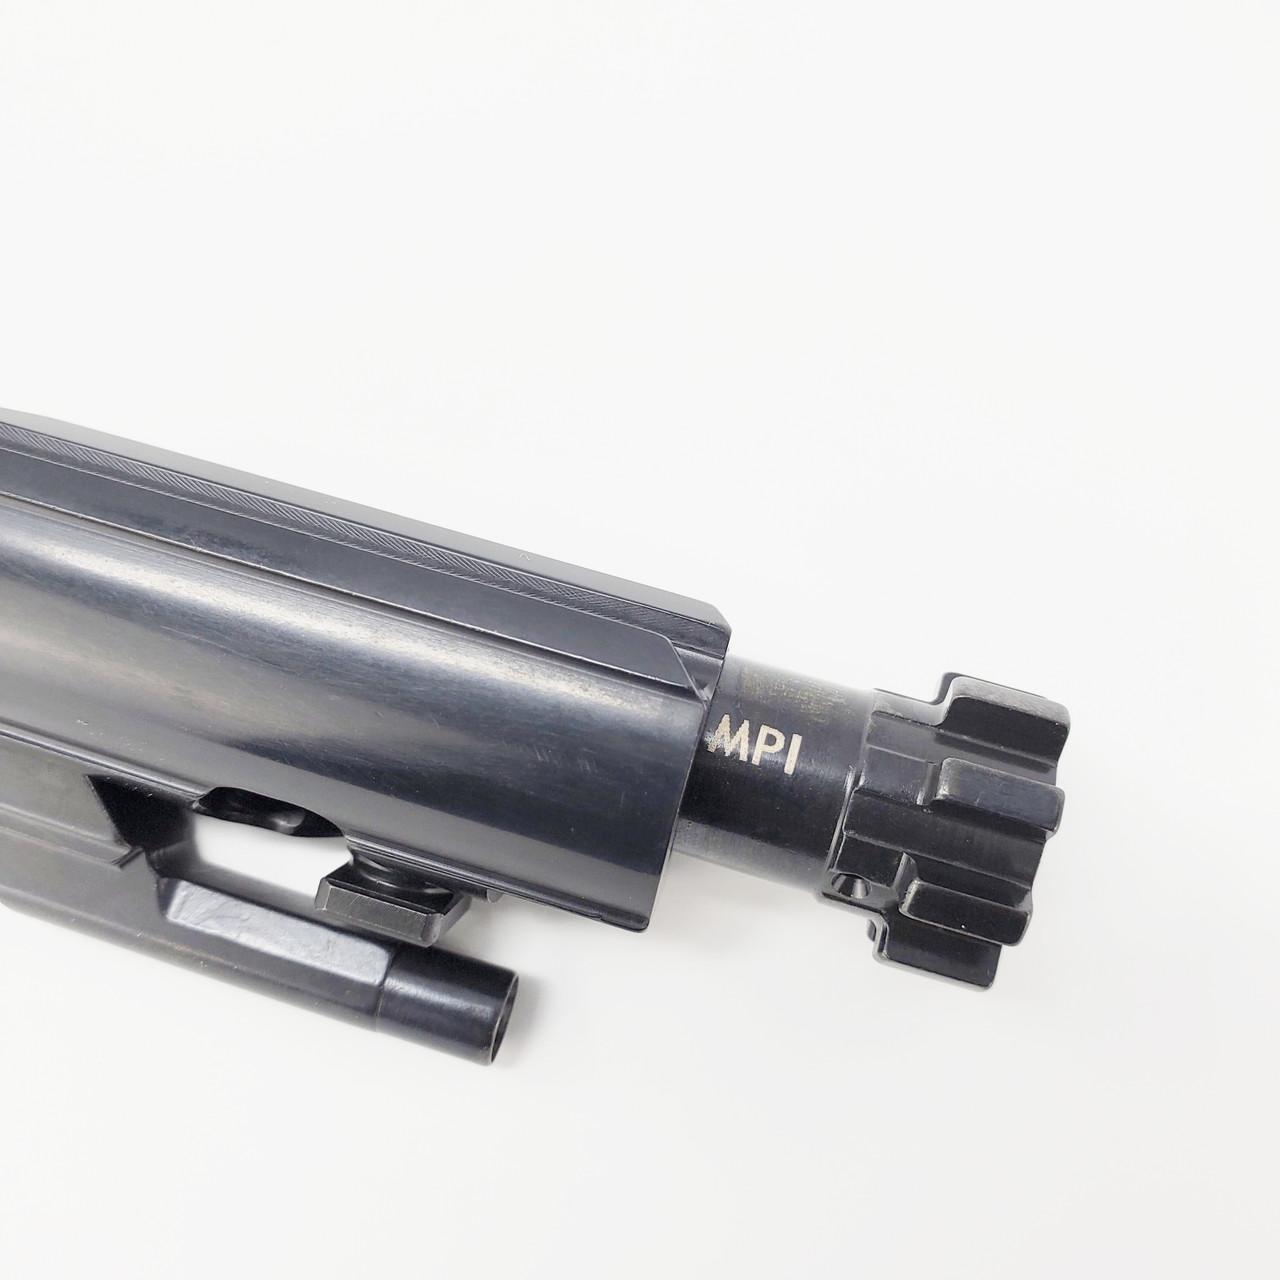 AXIS MFG M4 Nitride BCG (MPI)